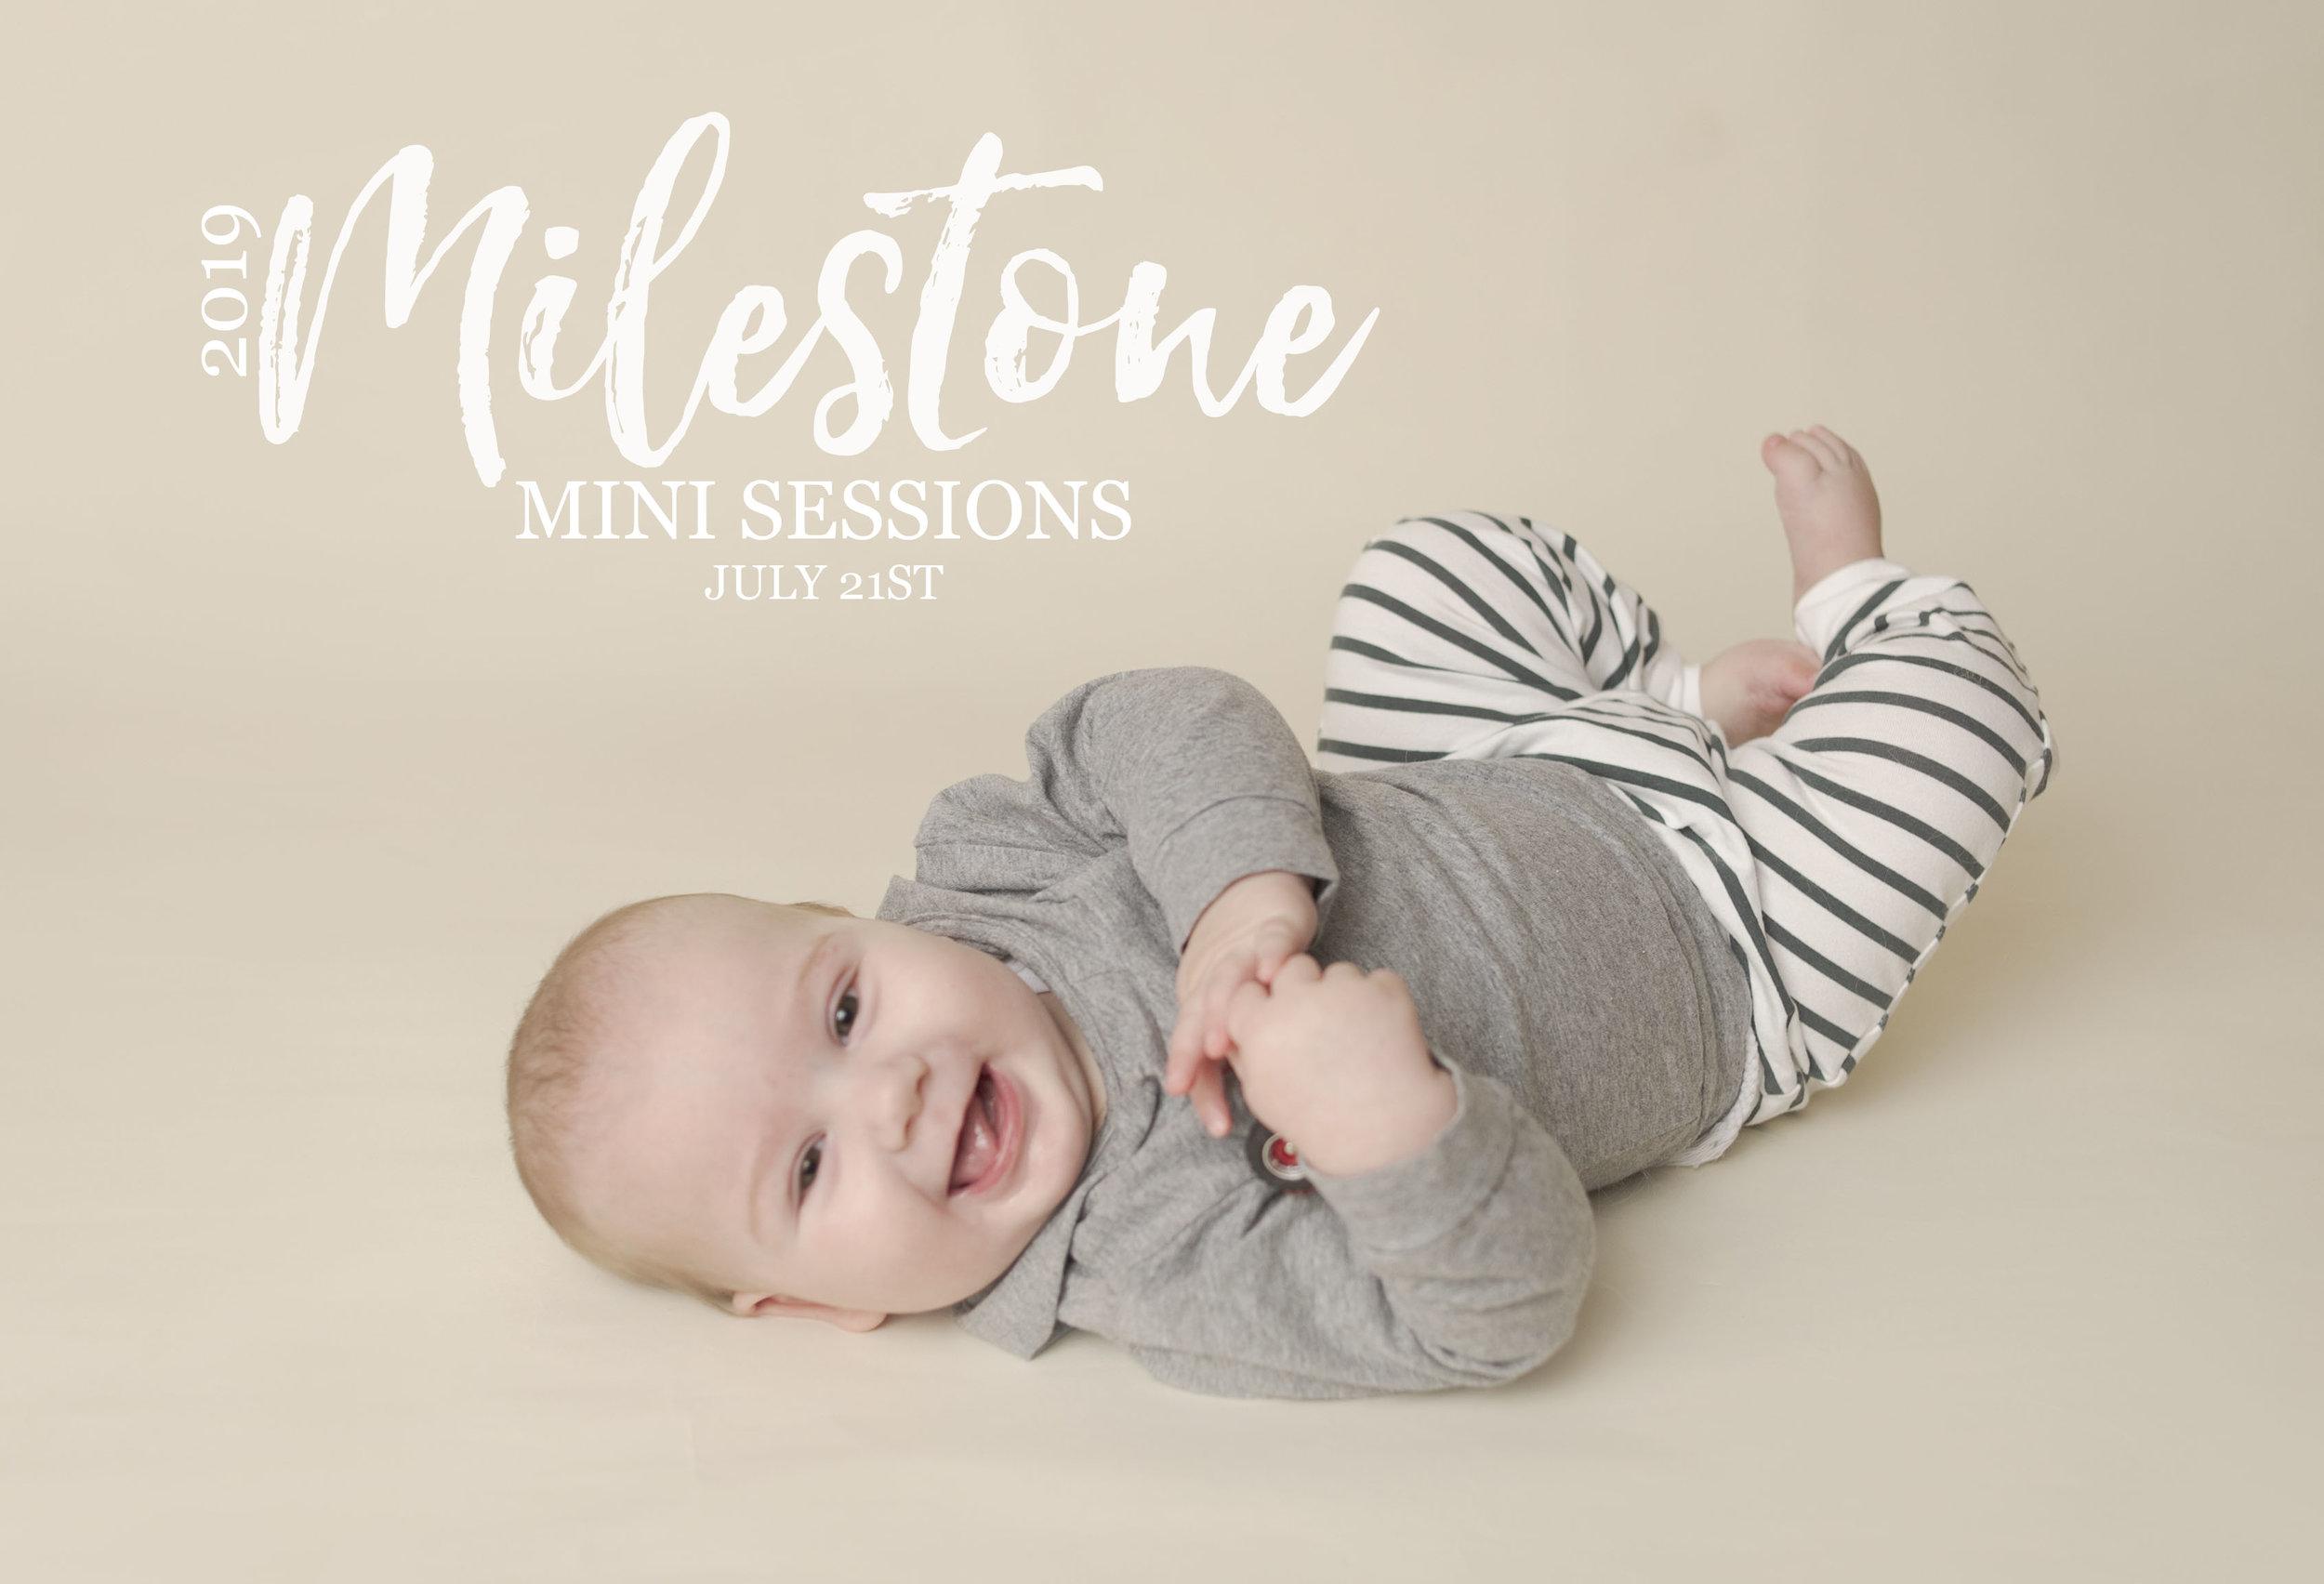 MilestoneMiniSessions.jpg